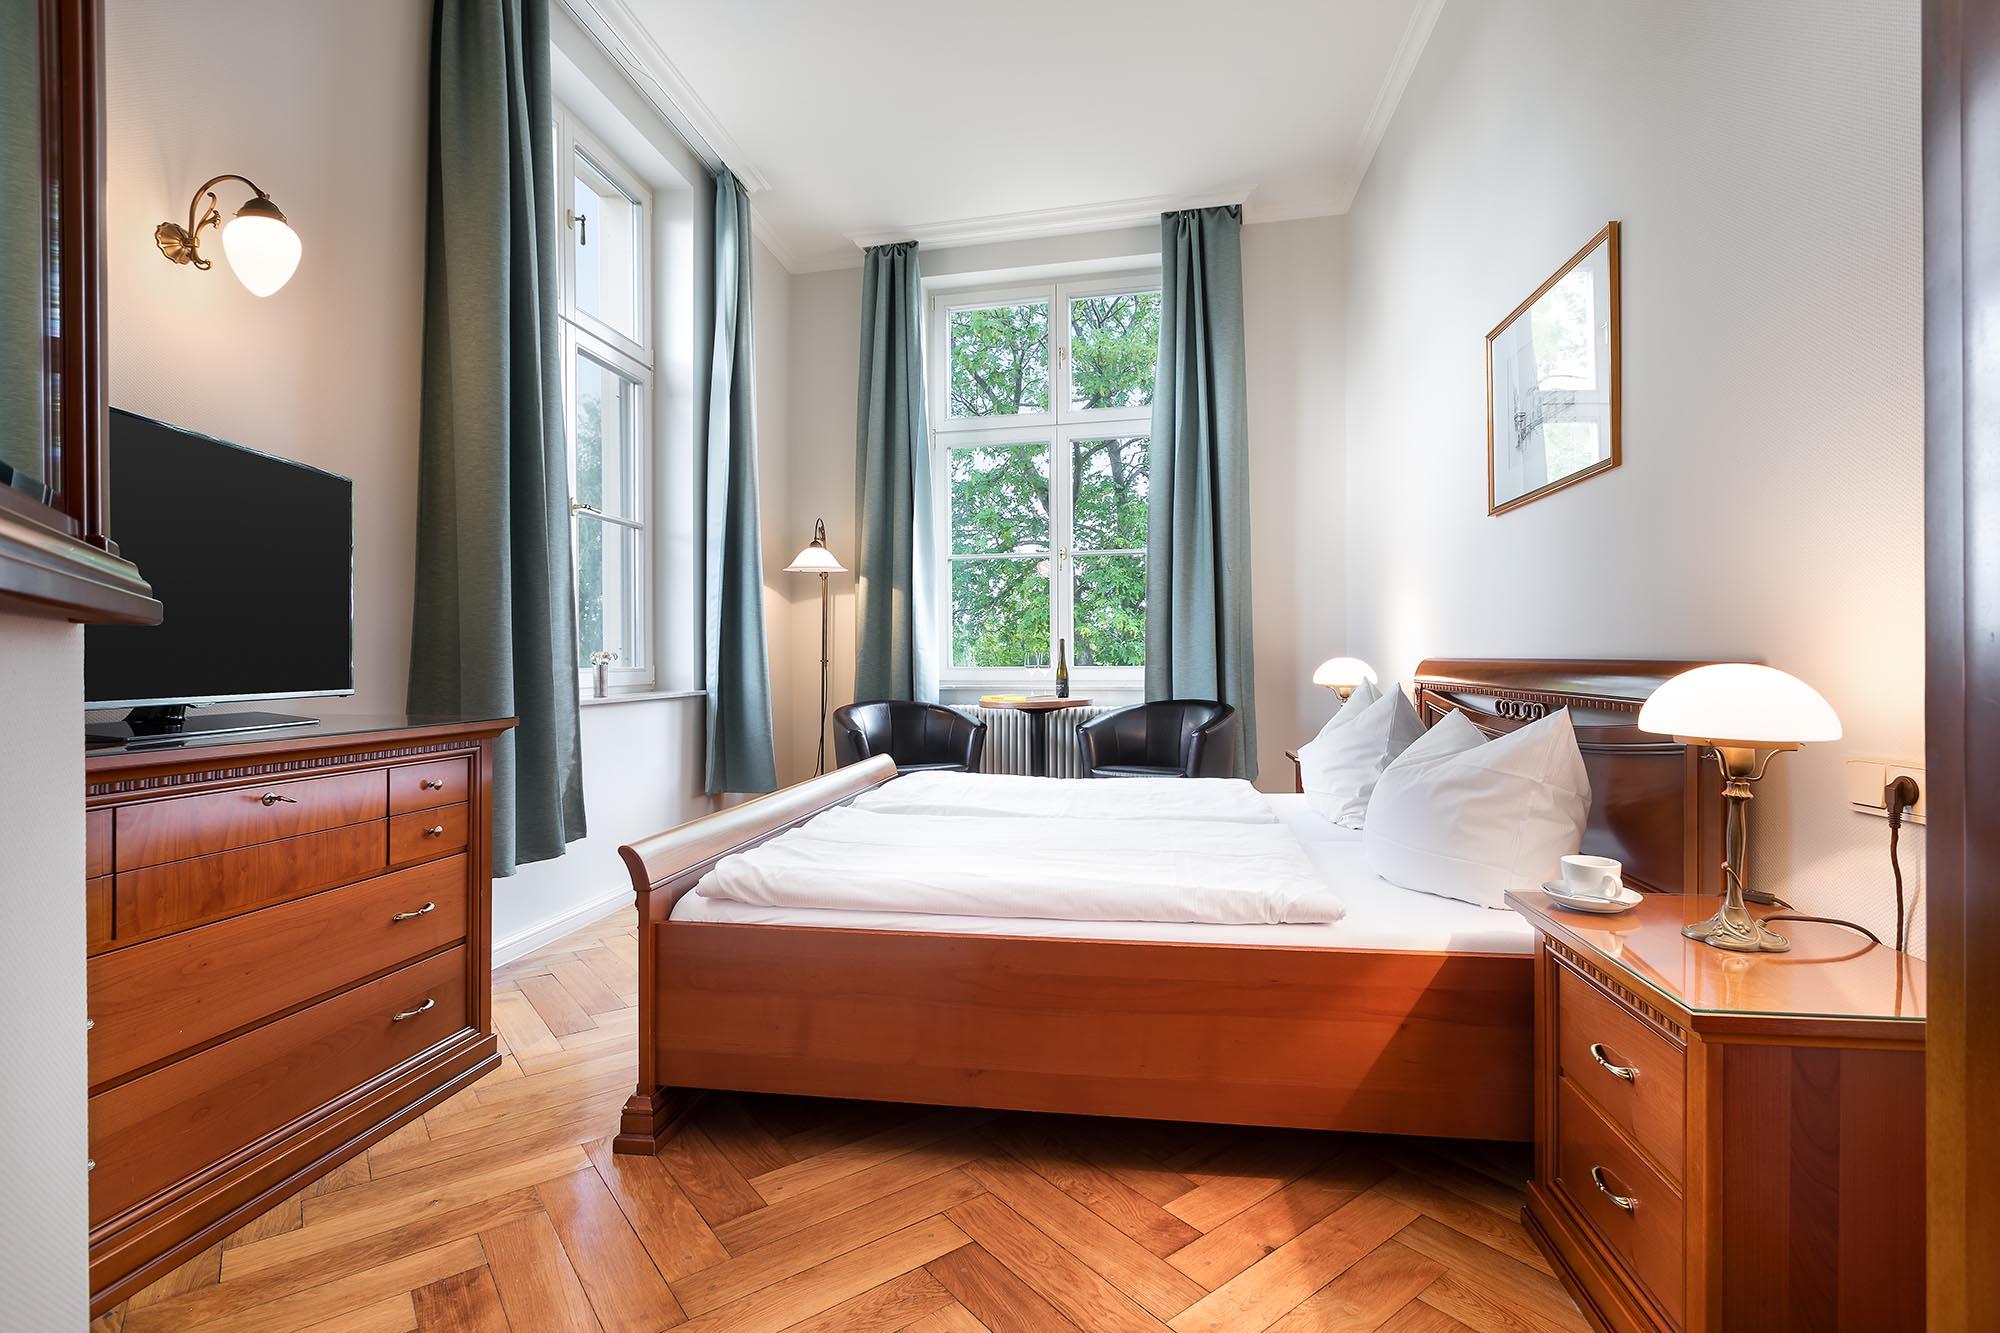 Hotelzimmer-Seeblick-Hotel-Werder-Insel-Brandenburg-Potsdam